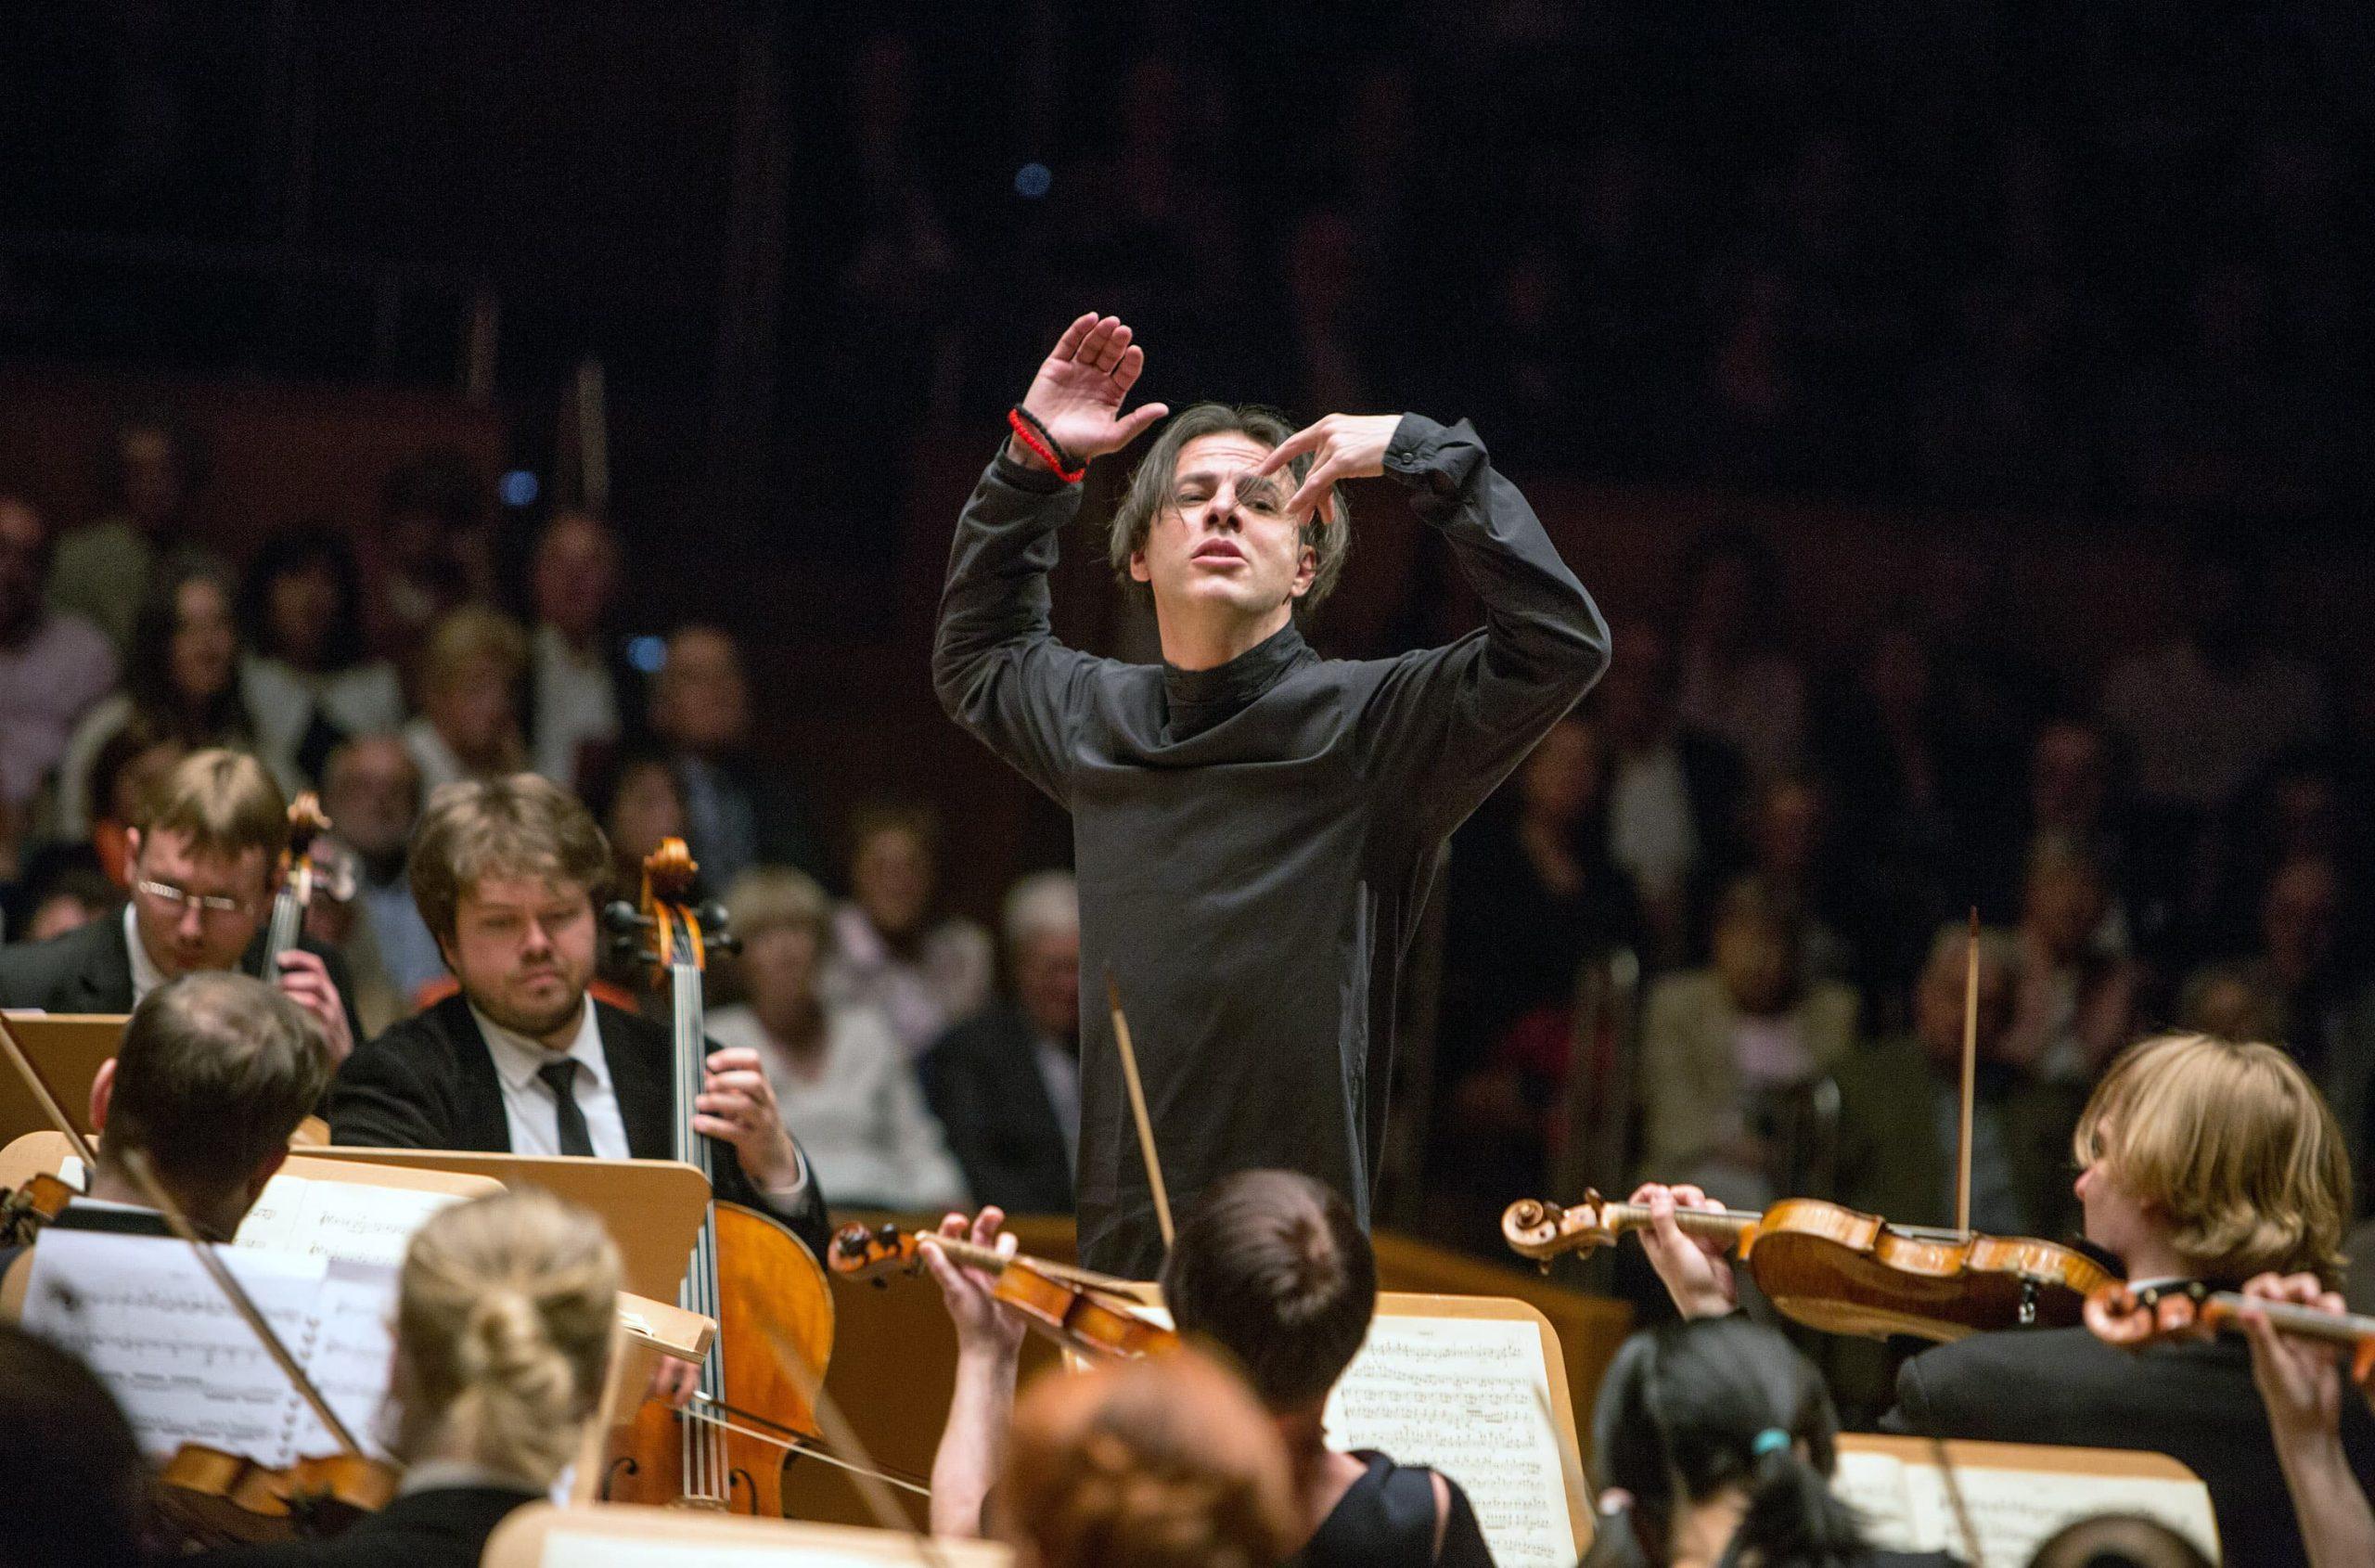 Η Ευρώπη γιορτάζει τον Beethoven